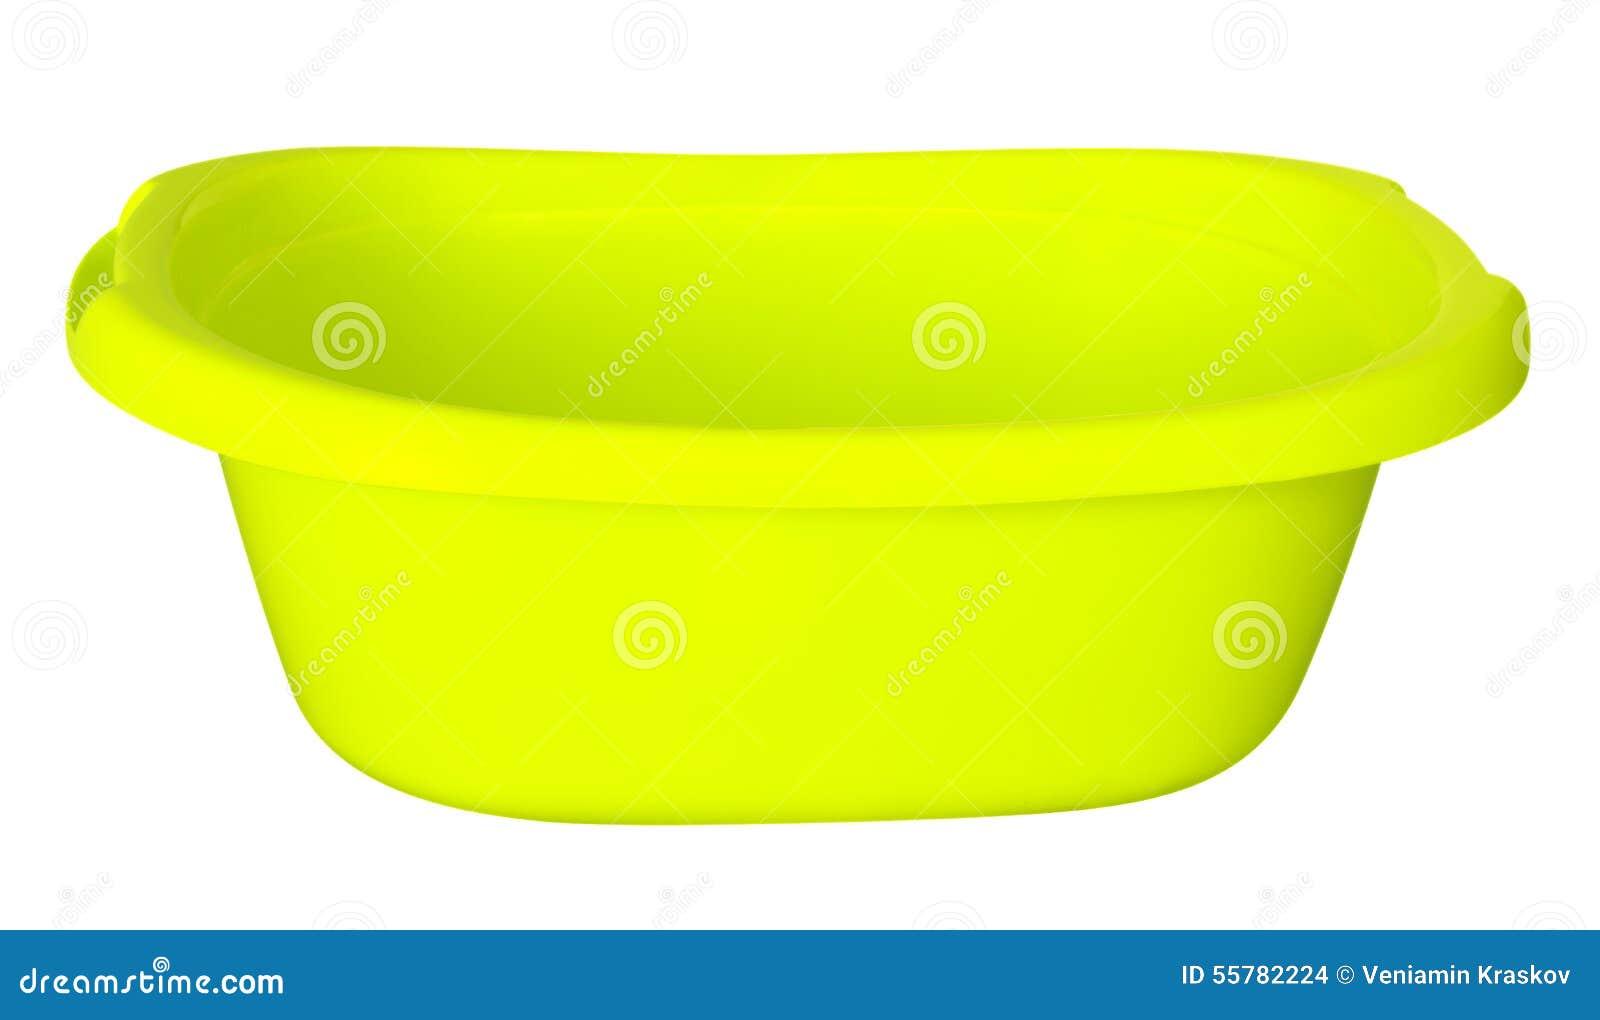 Vasca da bagno giallo fotografia stock immagine 55782224 - Vasca da bagno libera installazione ...